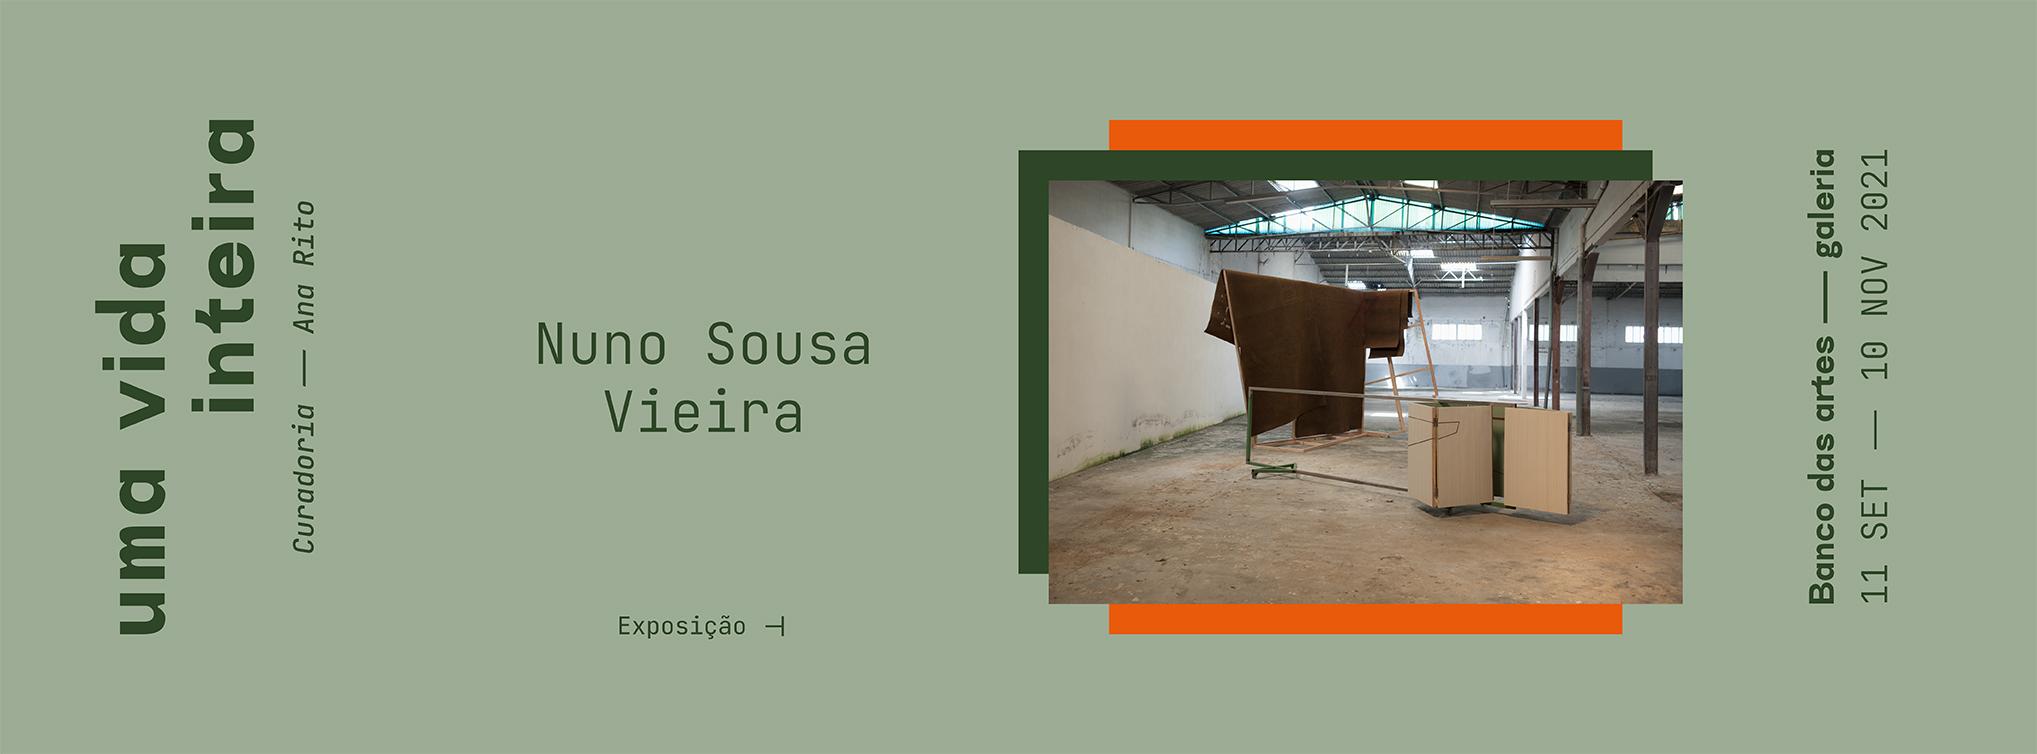 UMA VIDA INTEIRA - Exposição de Nuno Sousa Vieira